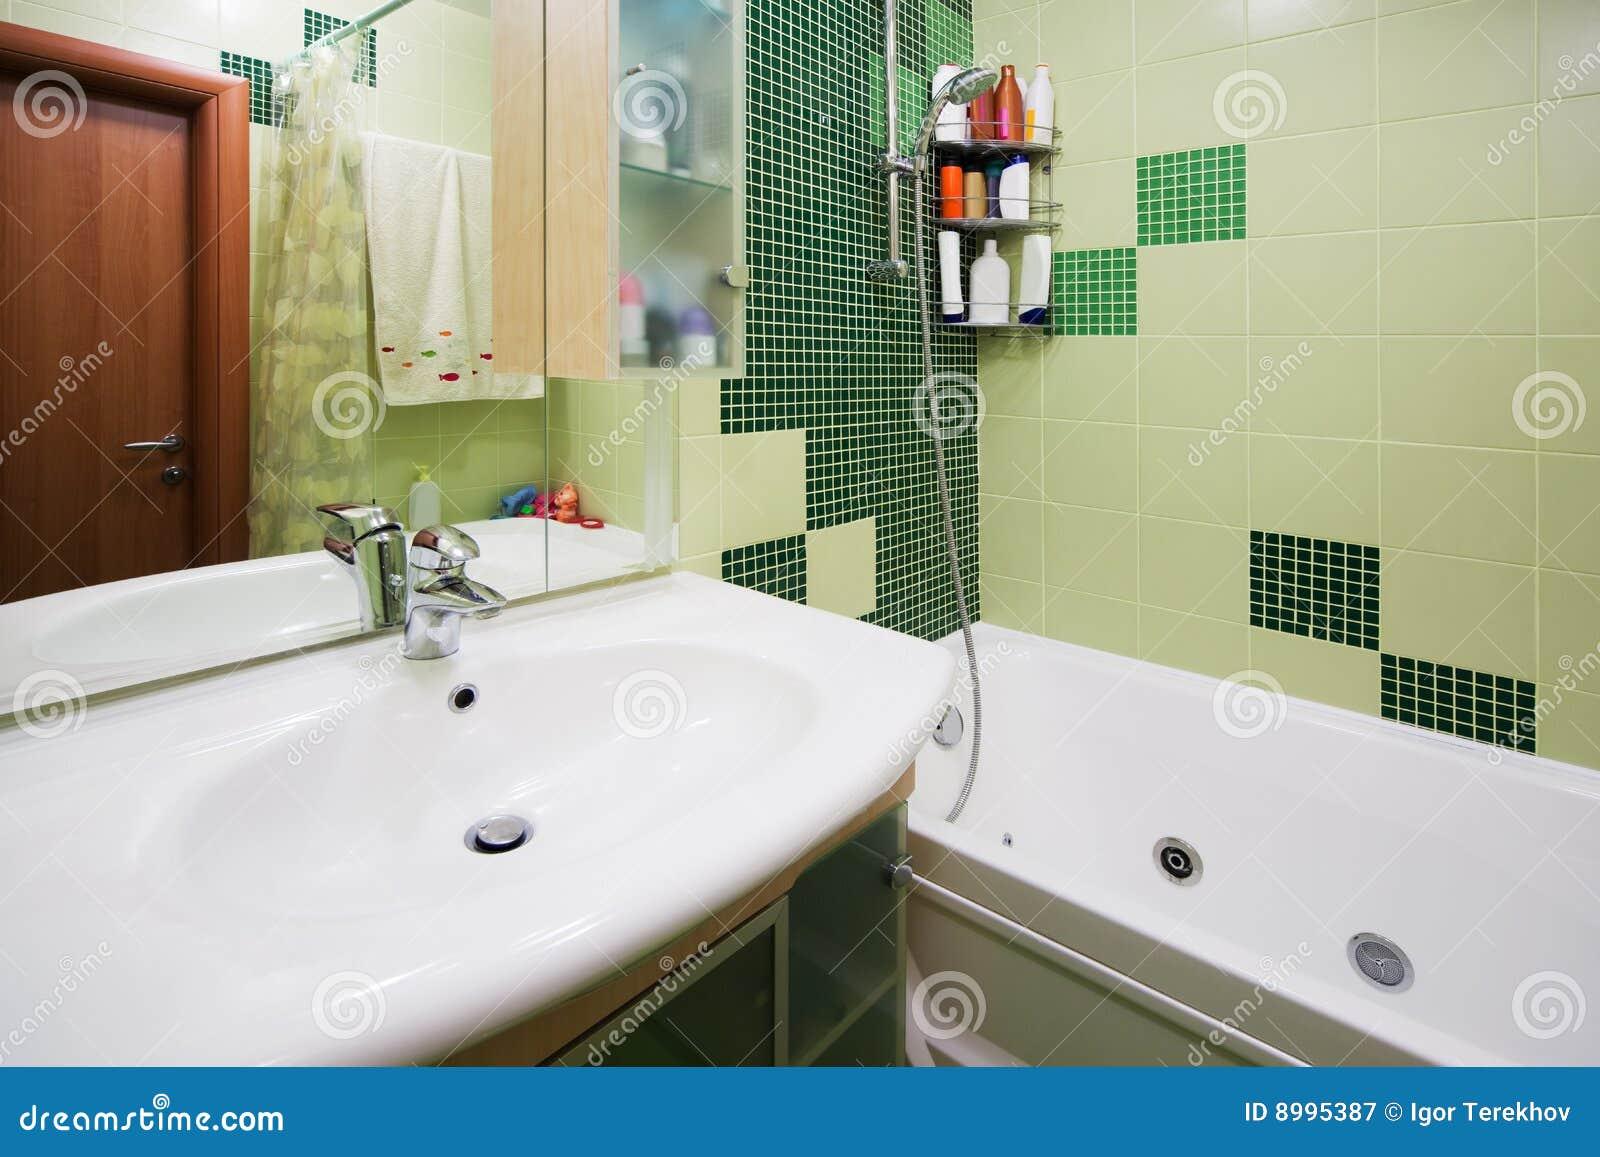 Salle de bains verte photographie stock libre de droits for Salle de bain verte